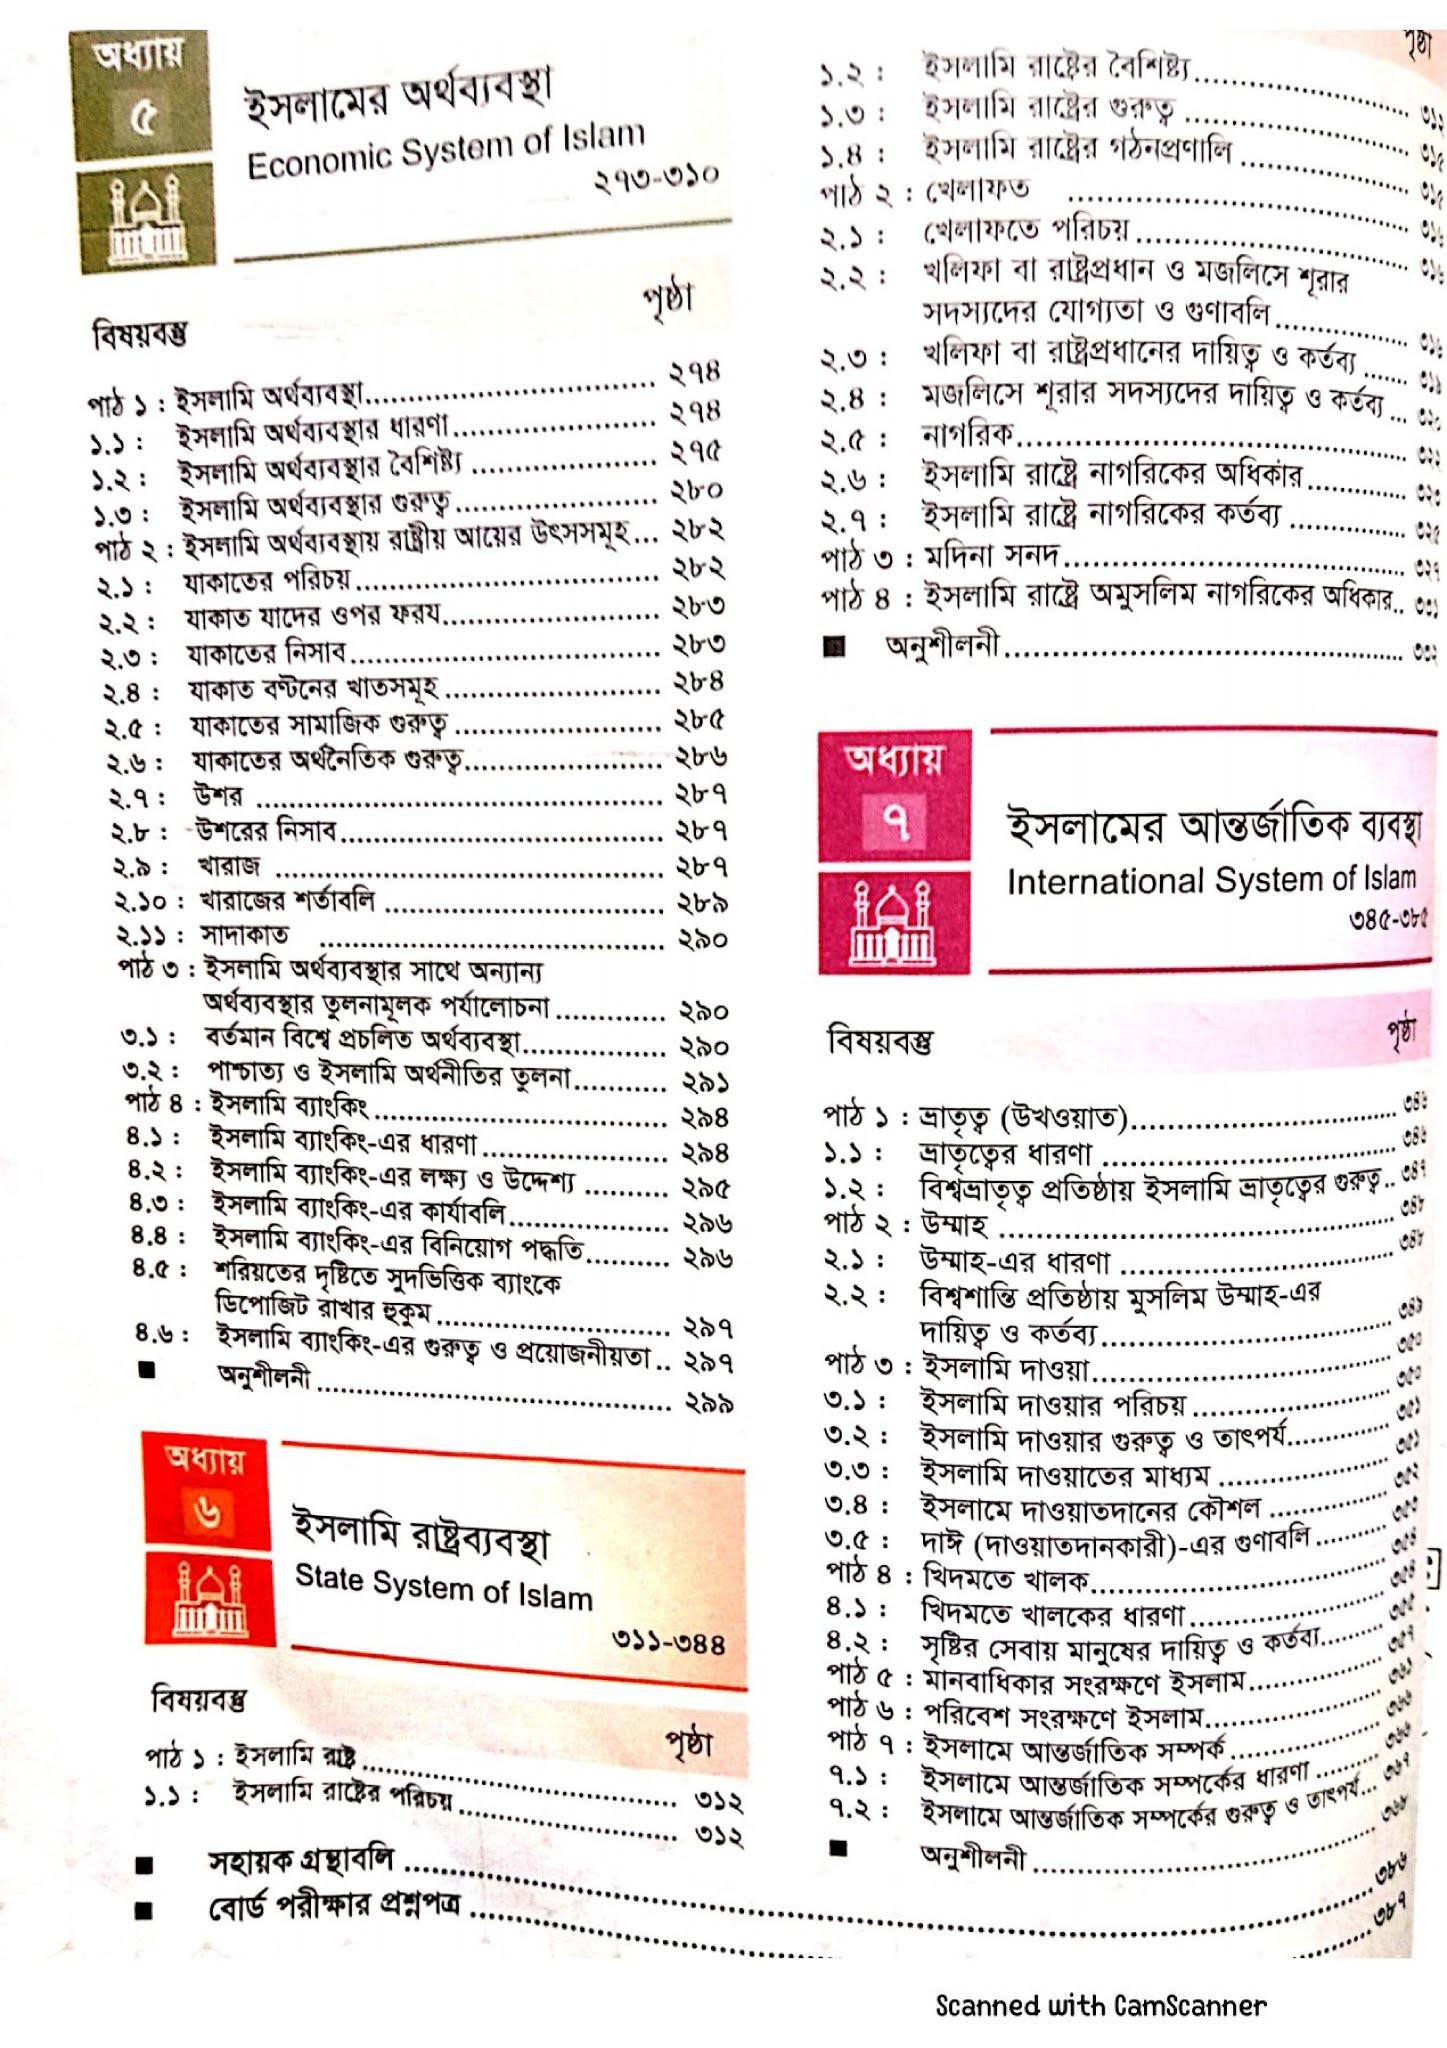 উচ্চমাধ্যমিক/এইচএসসি ইসলাম শিক্ষা ১ম পত্র বই PDF Download